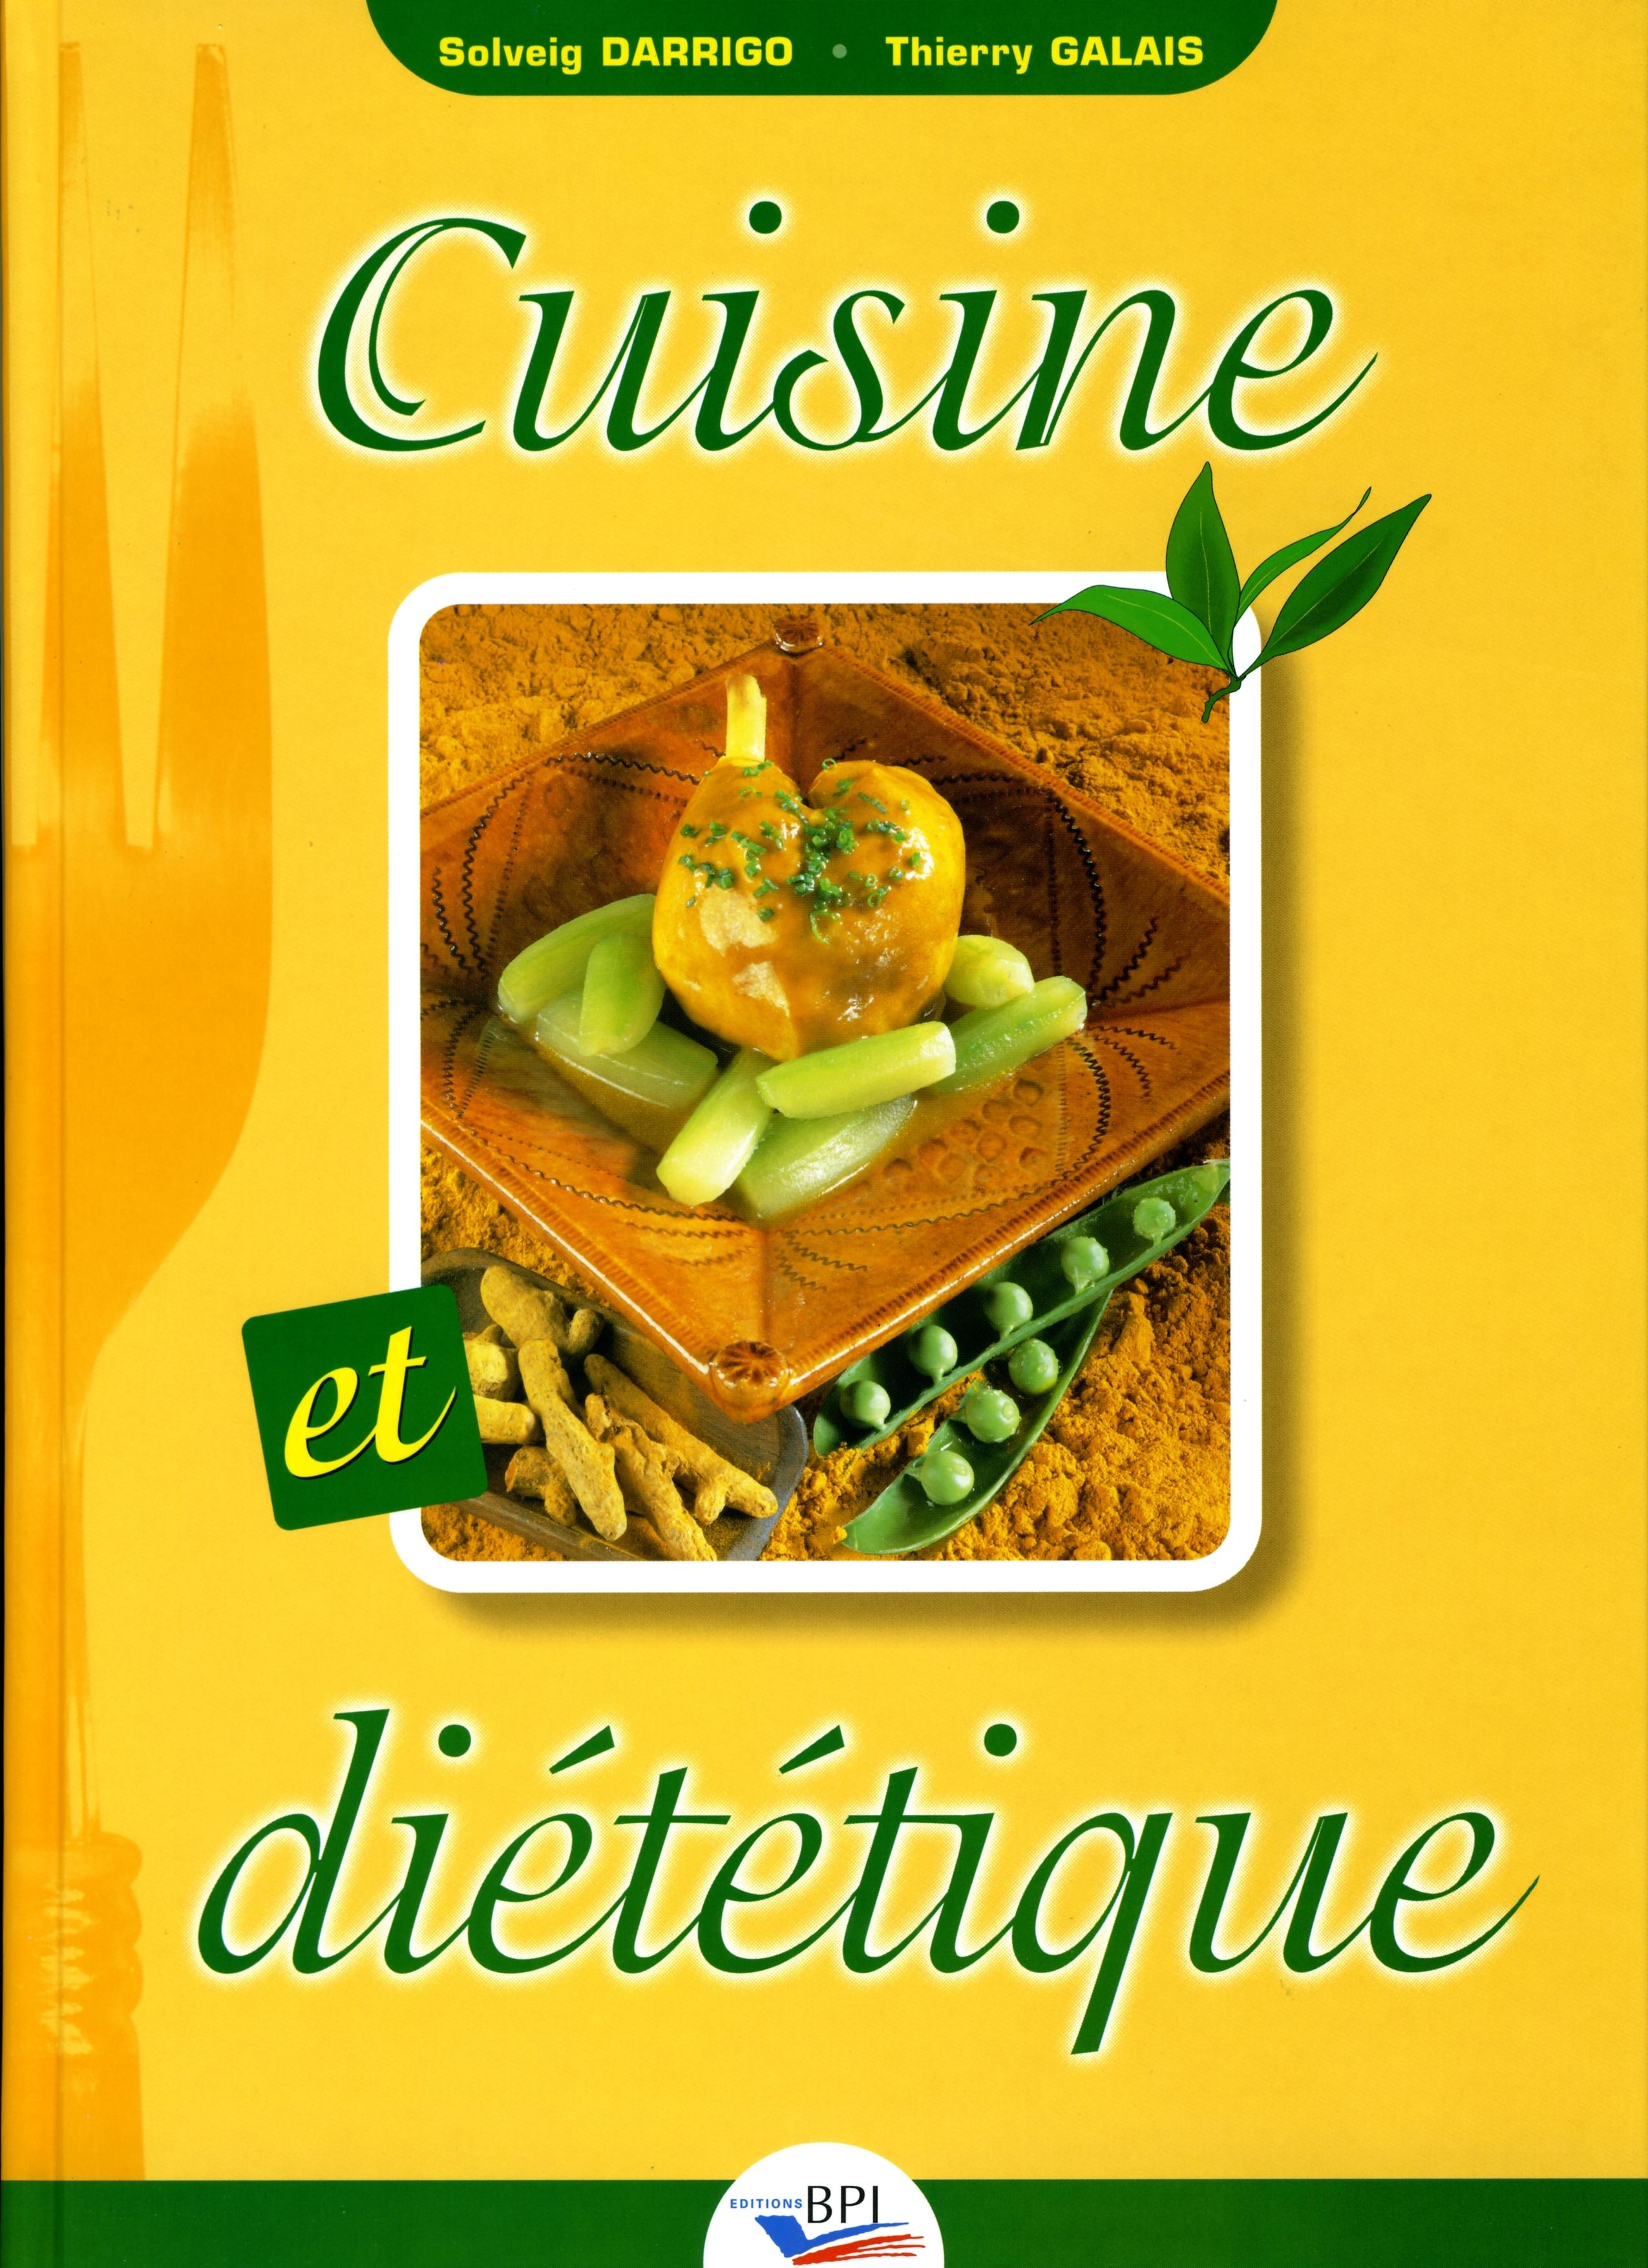 Cuisine et di t tique s darrigo t galais ean13 for Professeur de cuisine